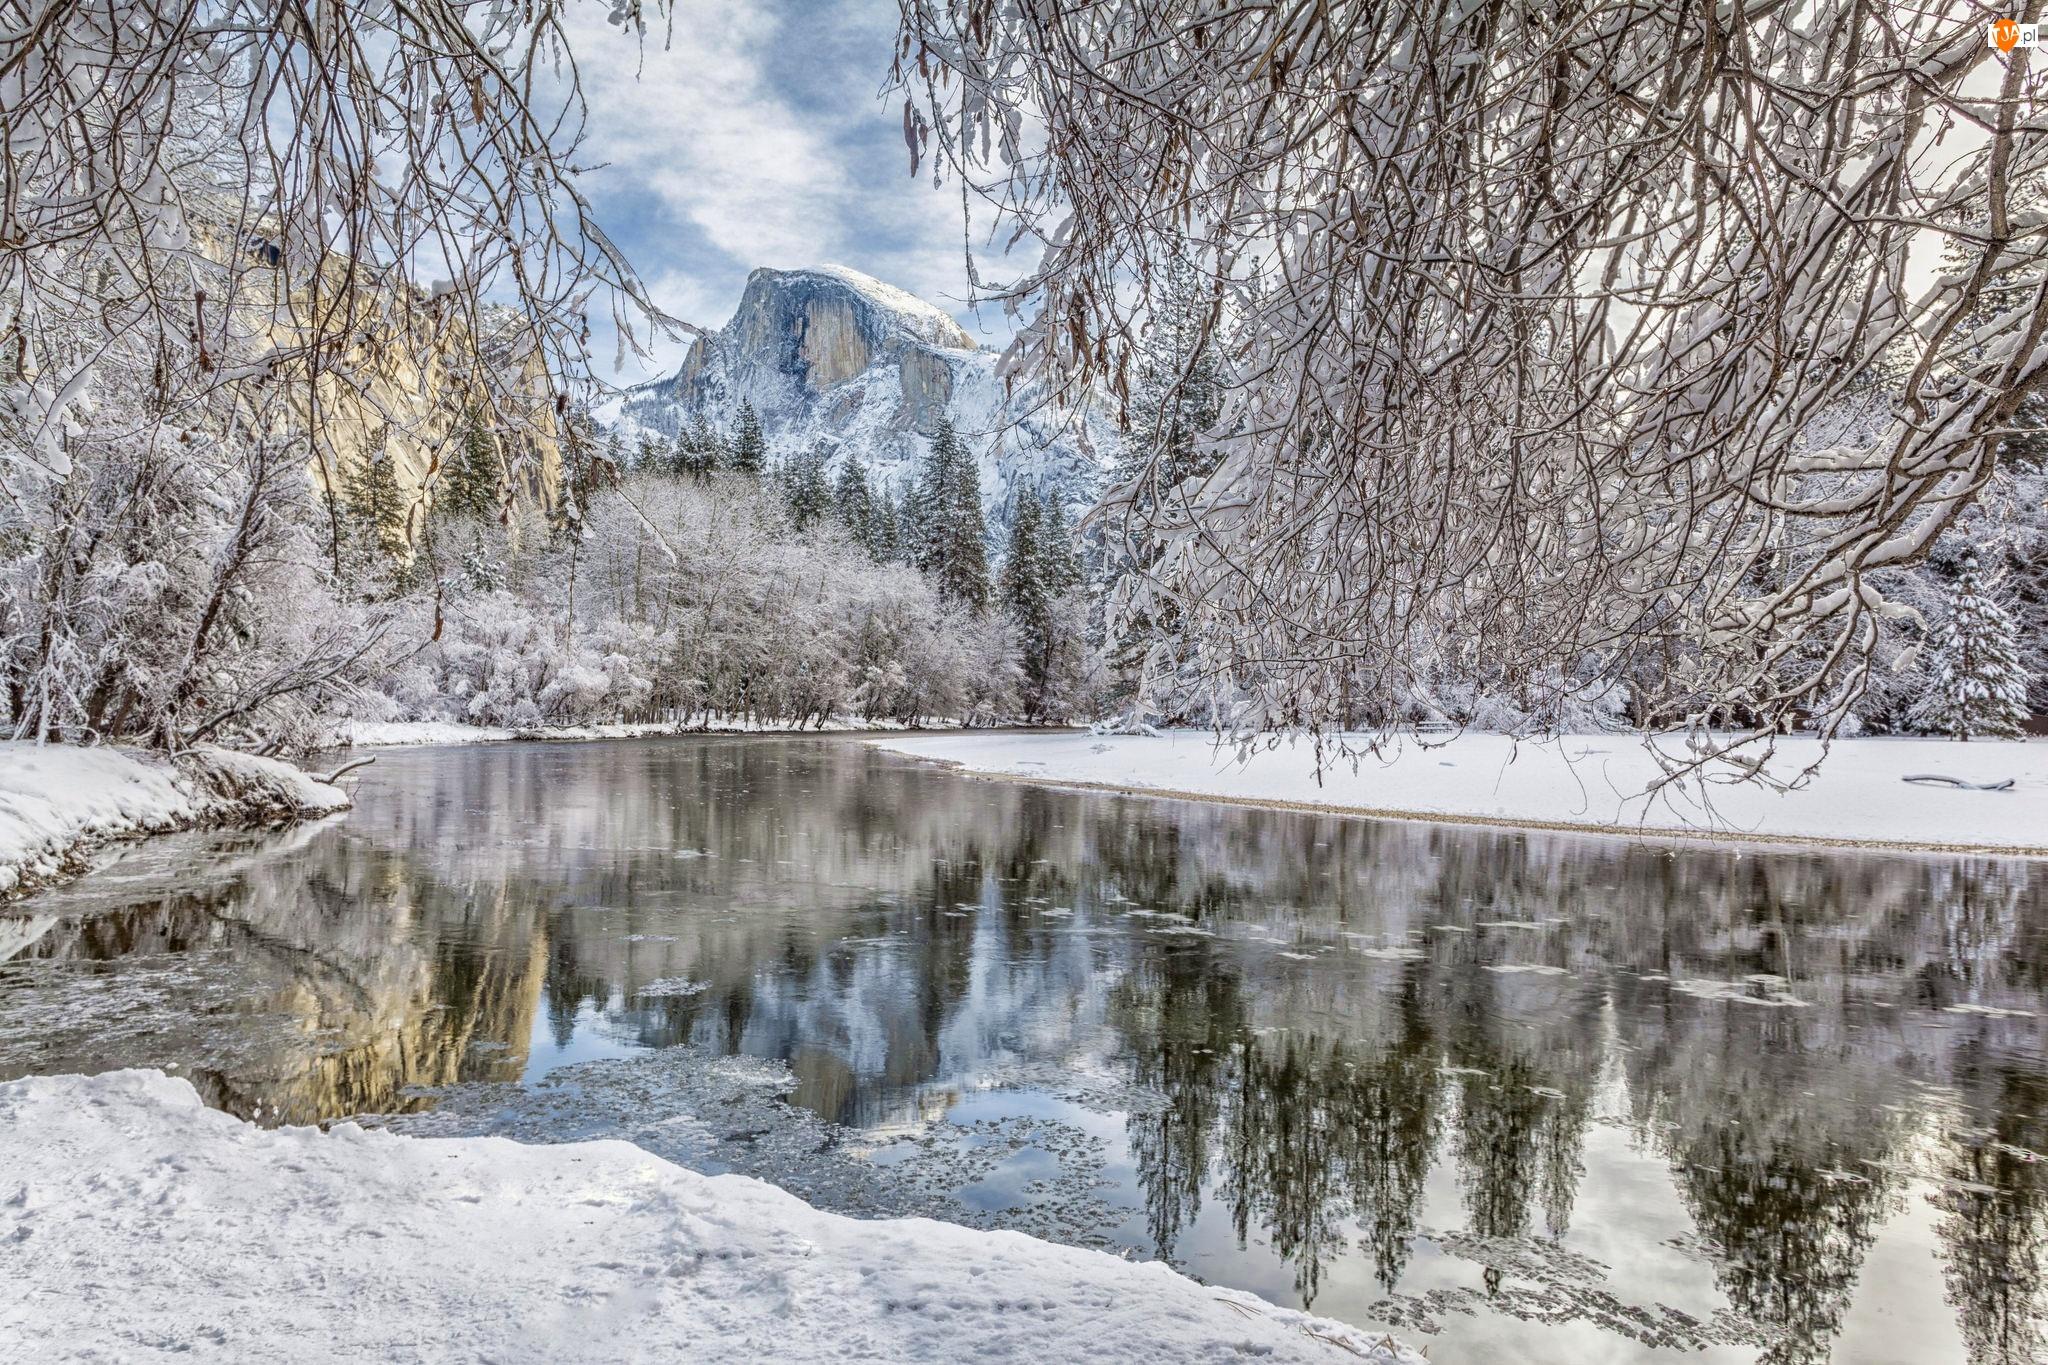 Zima, Rzeka Merced River, Stan Kalifornia, Las, Stany Zjednoczone, Drzewa, Park Narodowy Yosemite, Góry